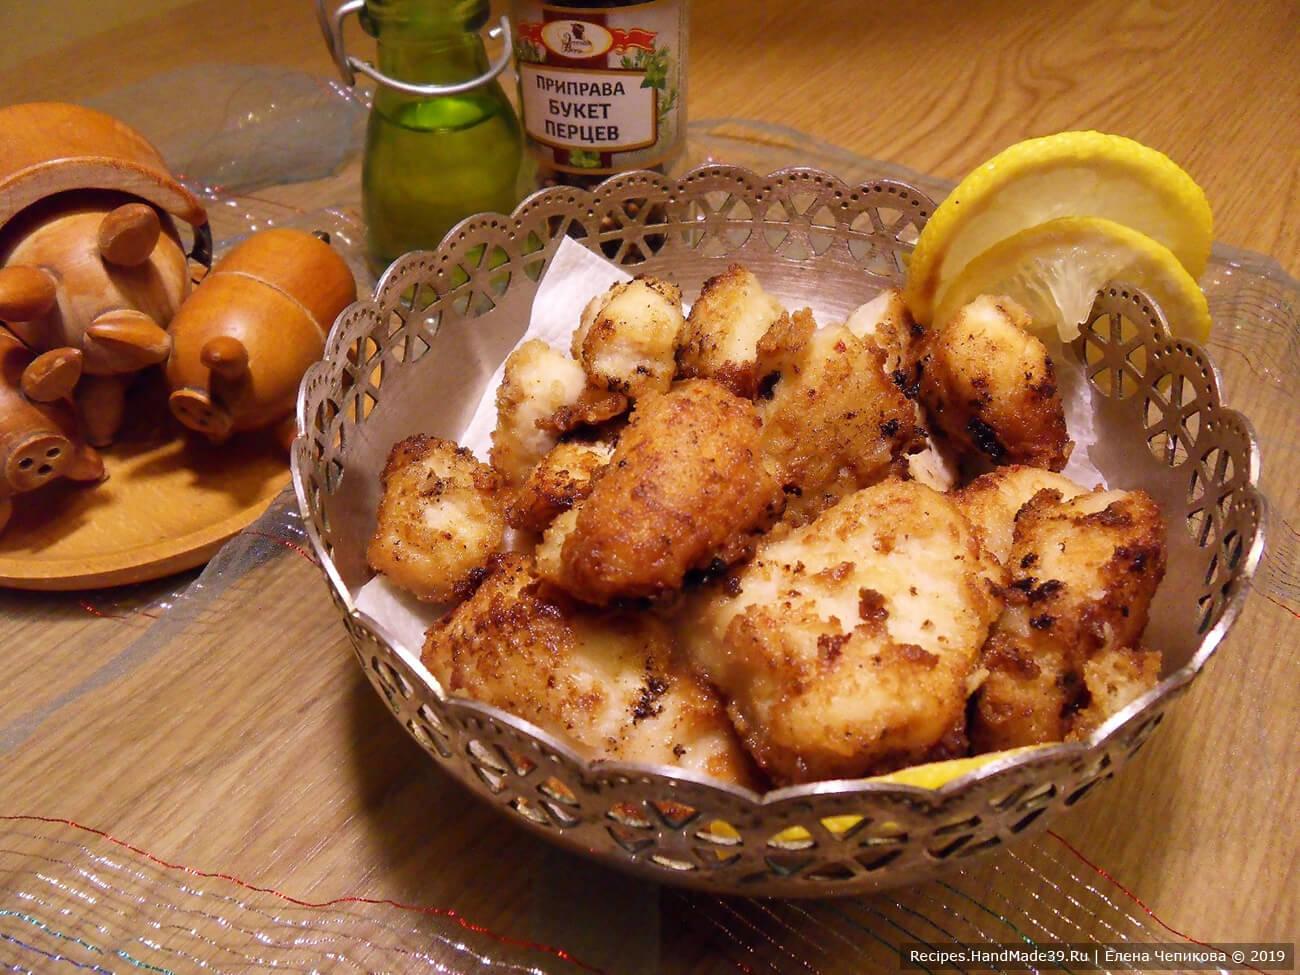 Курица в сгущёнке – пошаговый кулинарный рецепт с фото